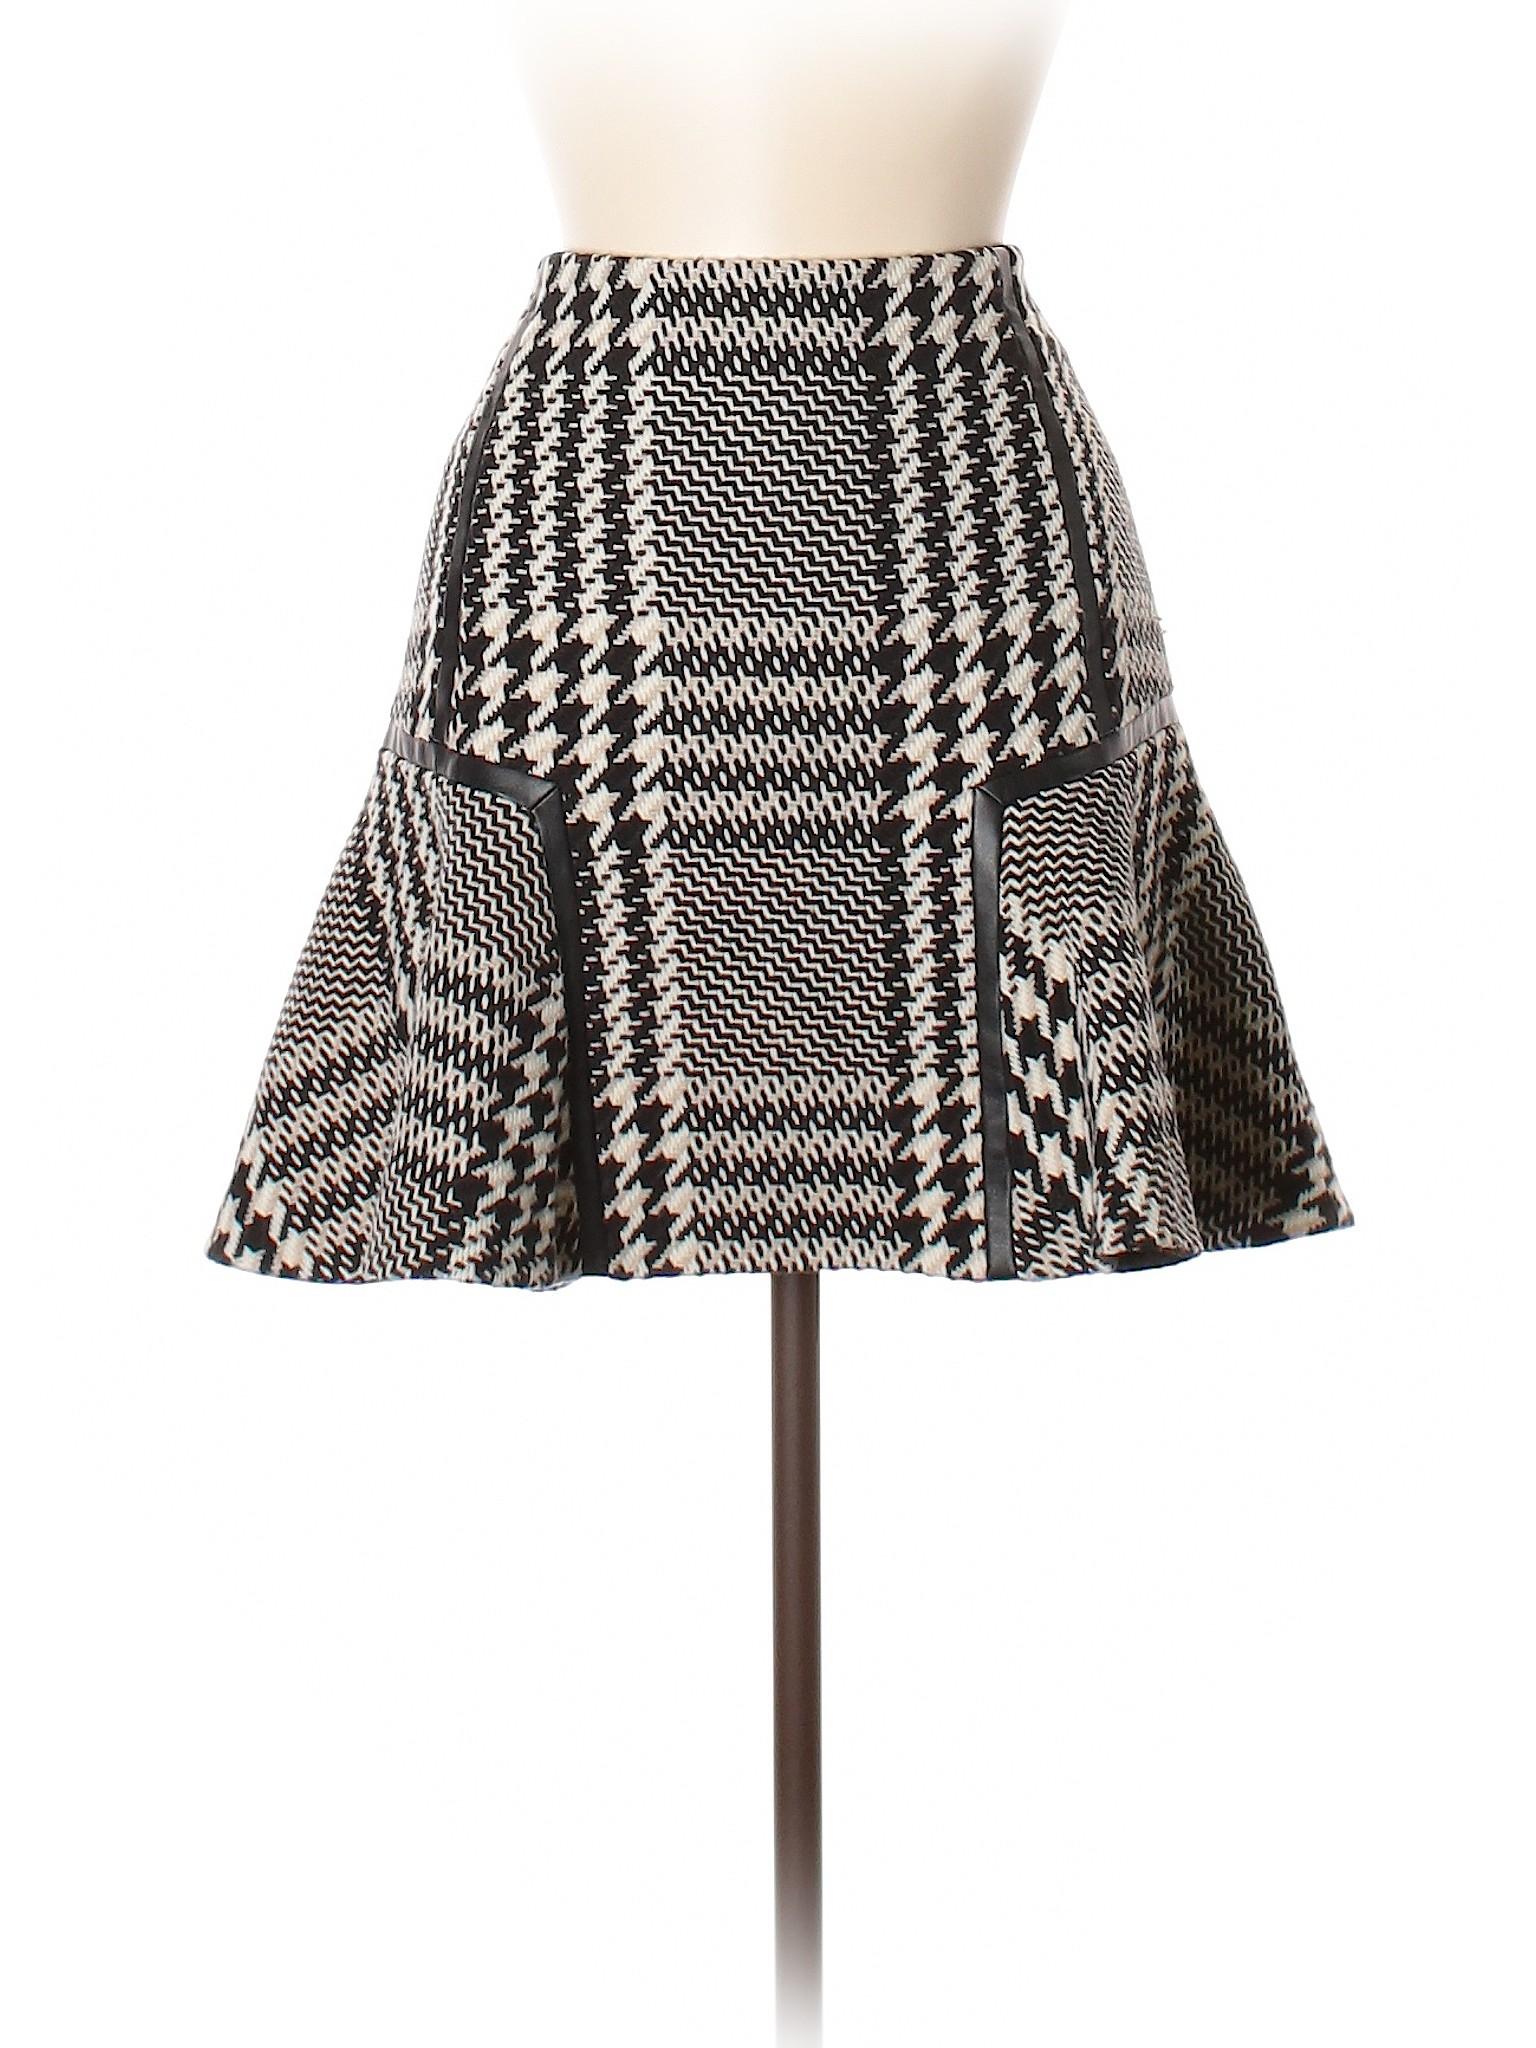 Skirt Karen Wool Leisure Millen winter fqOWxA4P7w